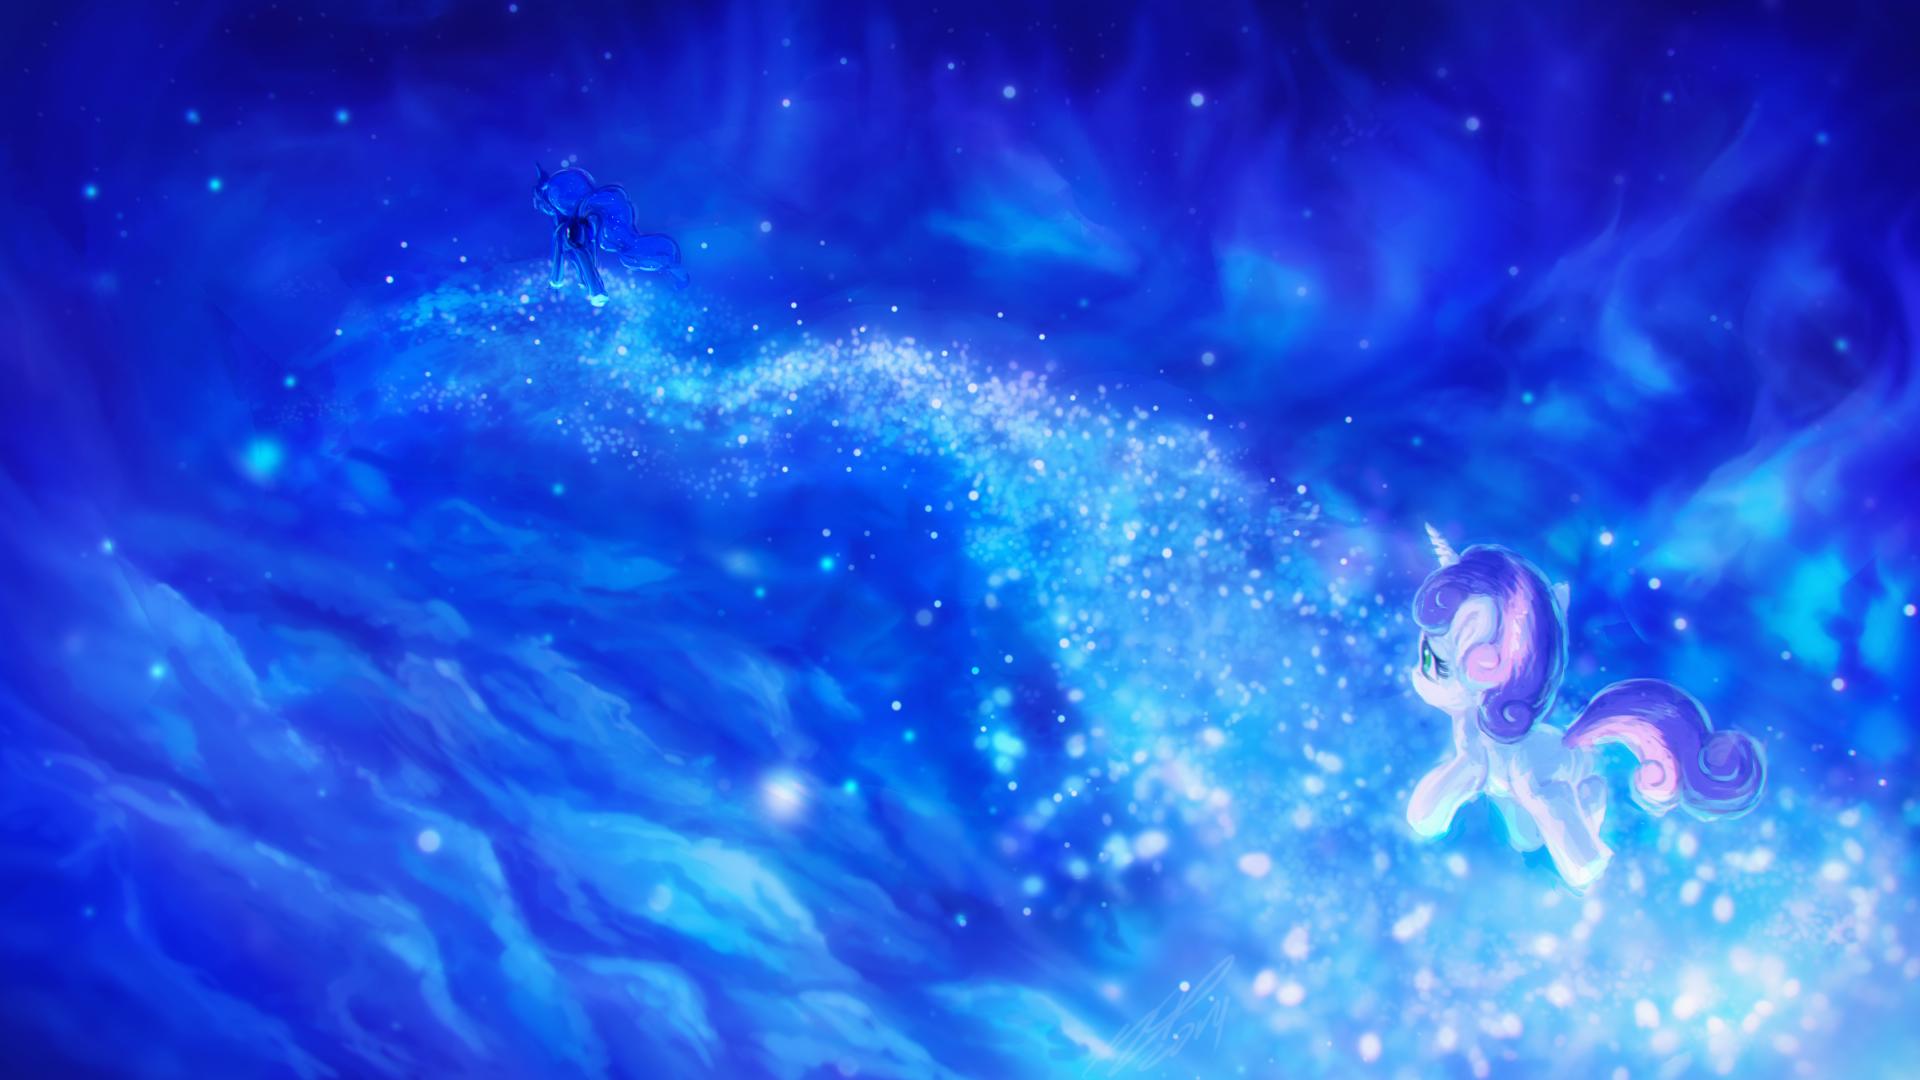 Dreamscape Belle